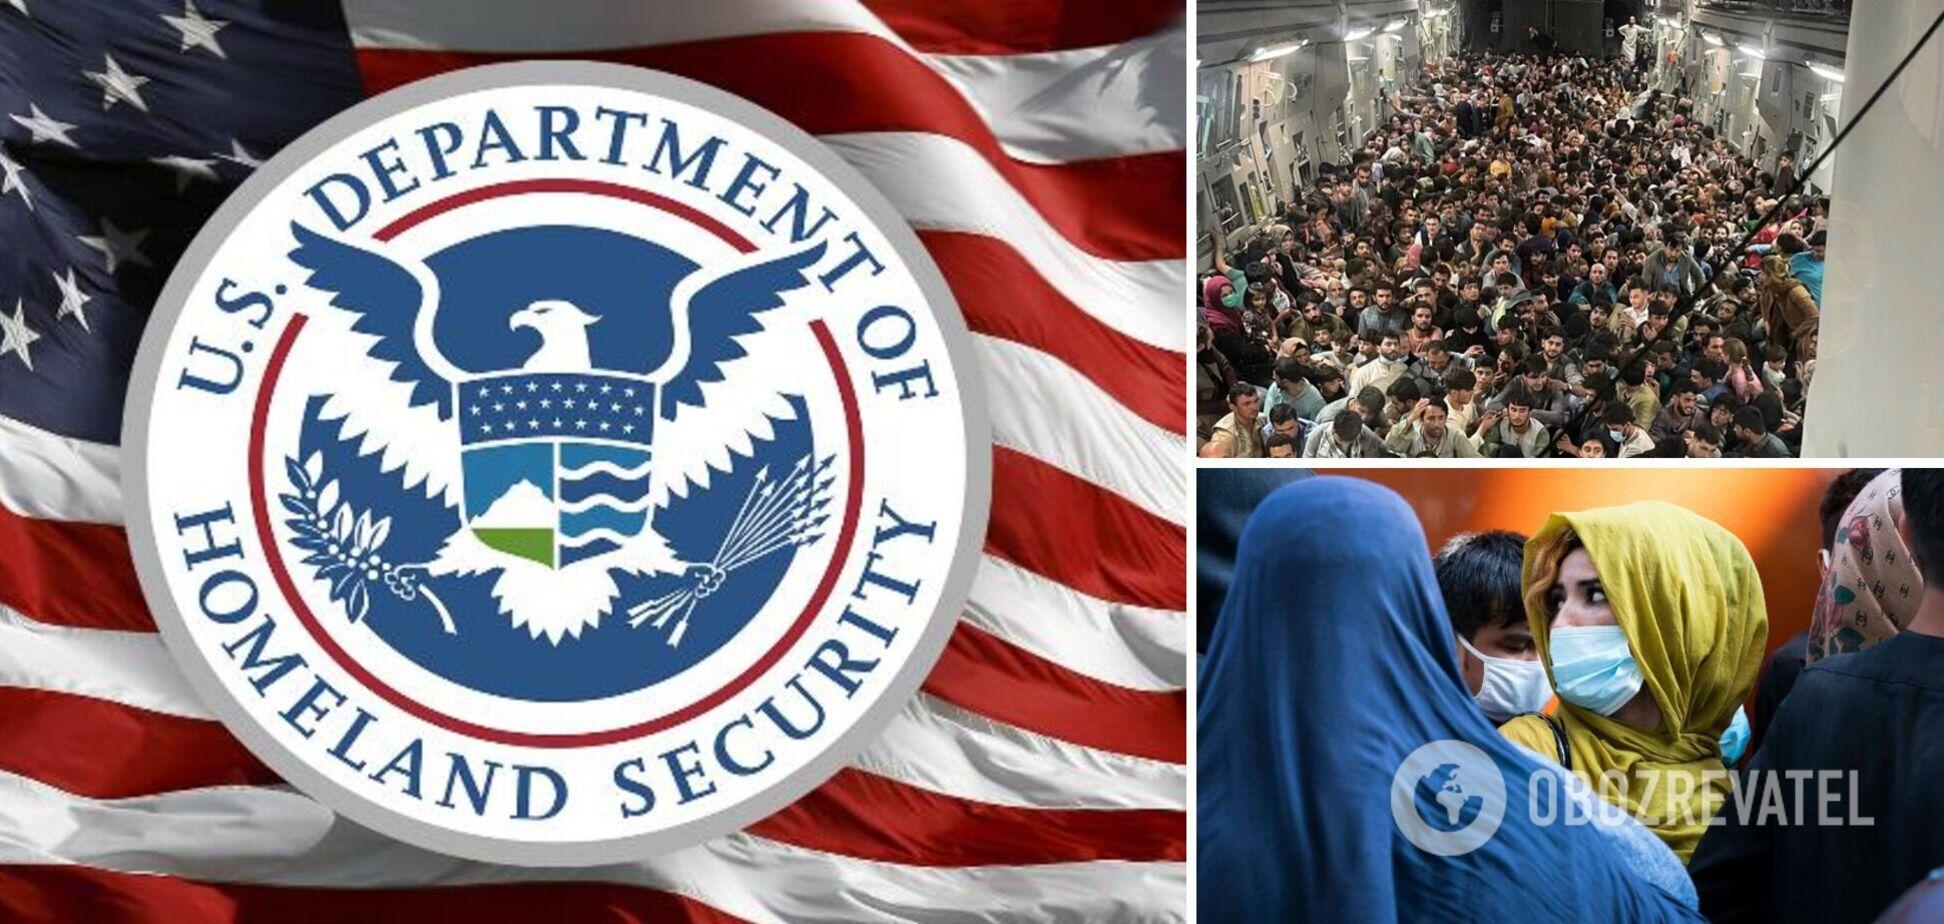 У США попередили про можливі атаки після масової евакуації з Афганістану: названо три головні загрози